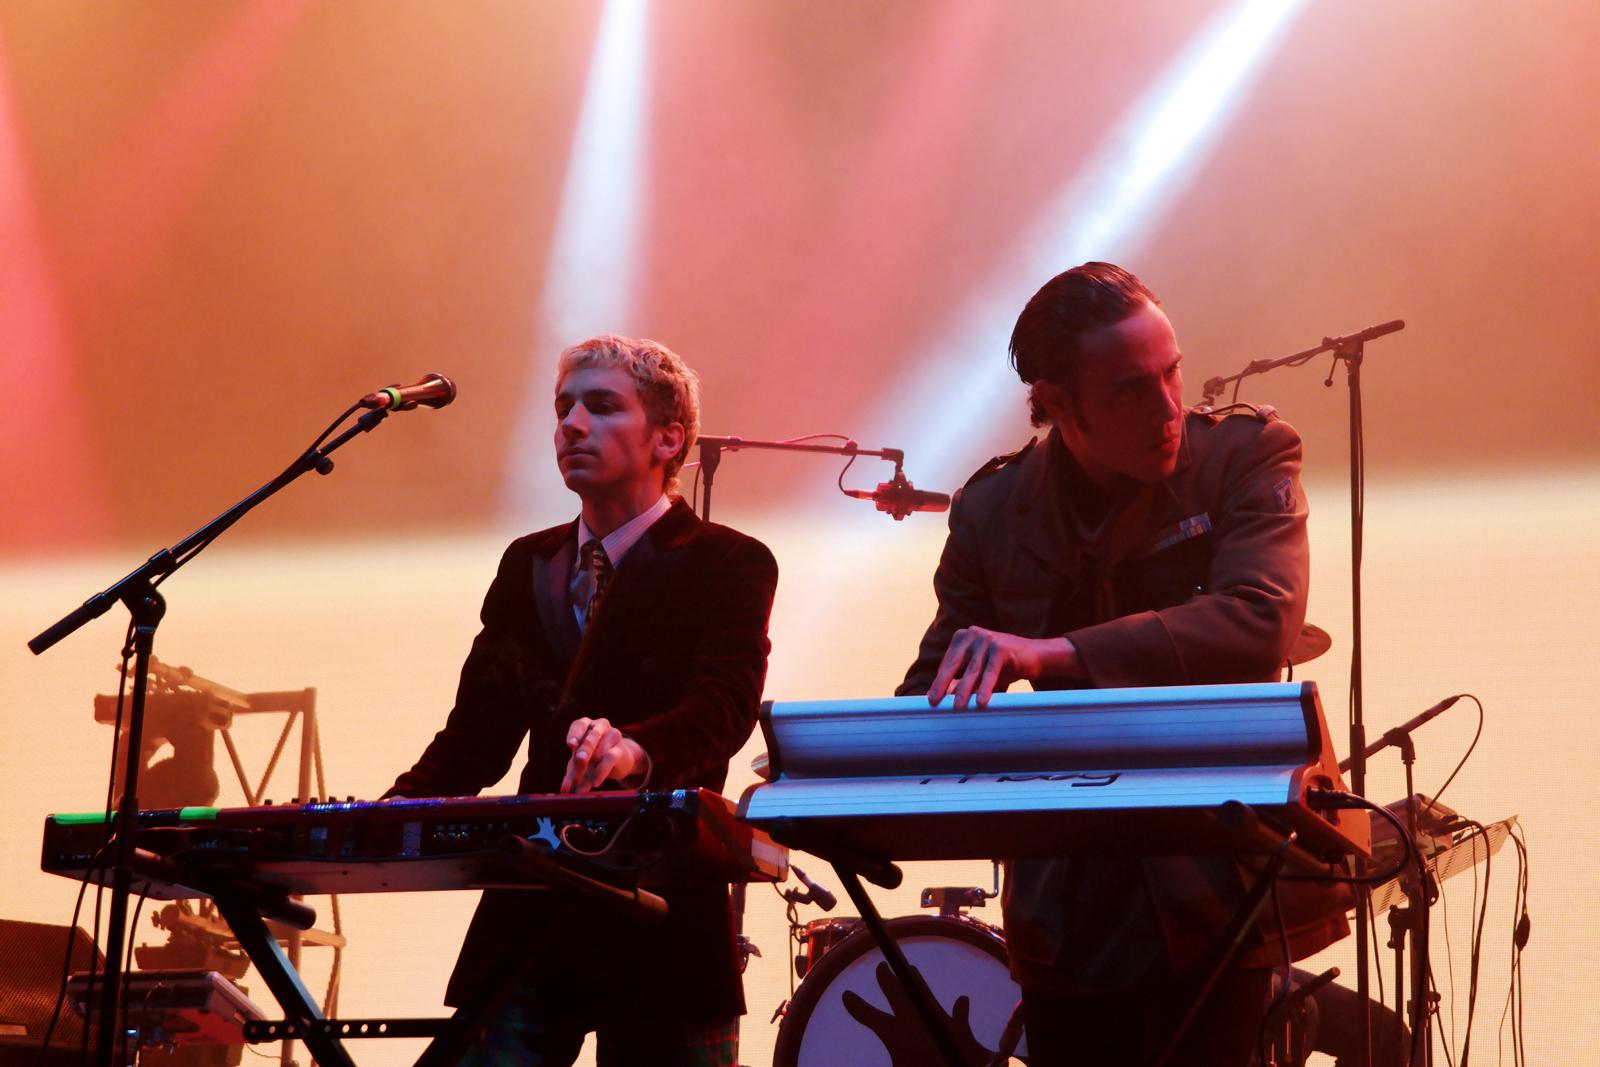 La Femme live concert Printemps de Bourges 2016 avec Marlon Magnée festival musique tournée photo scène usofparis blog